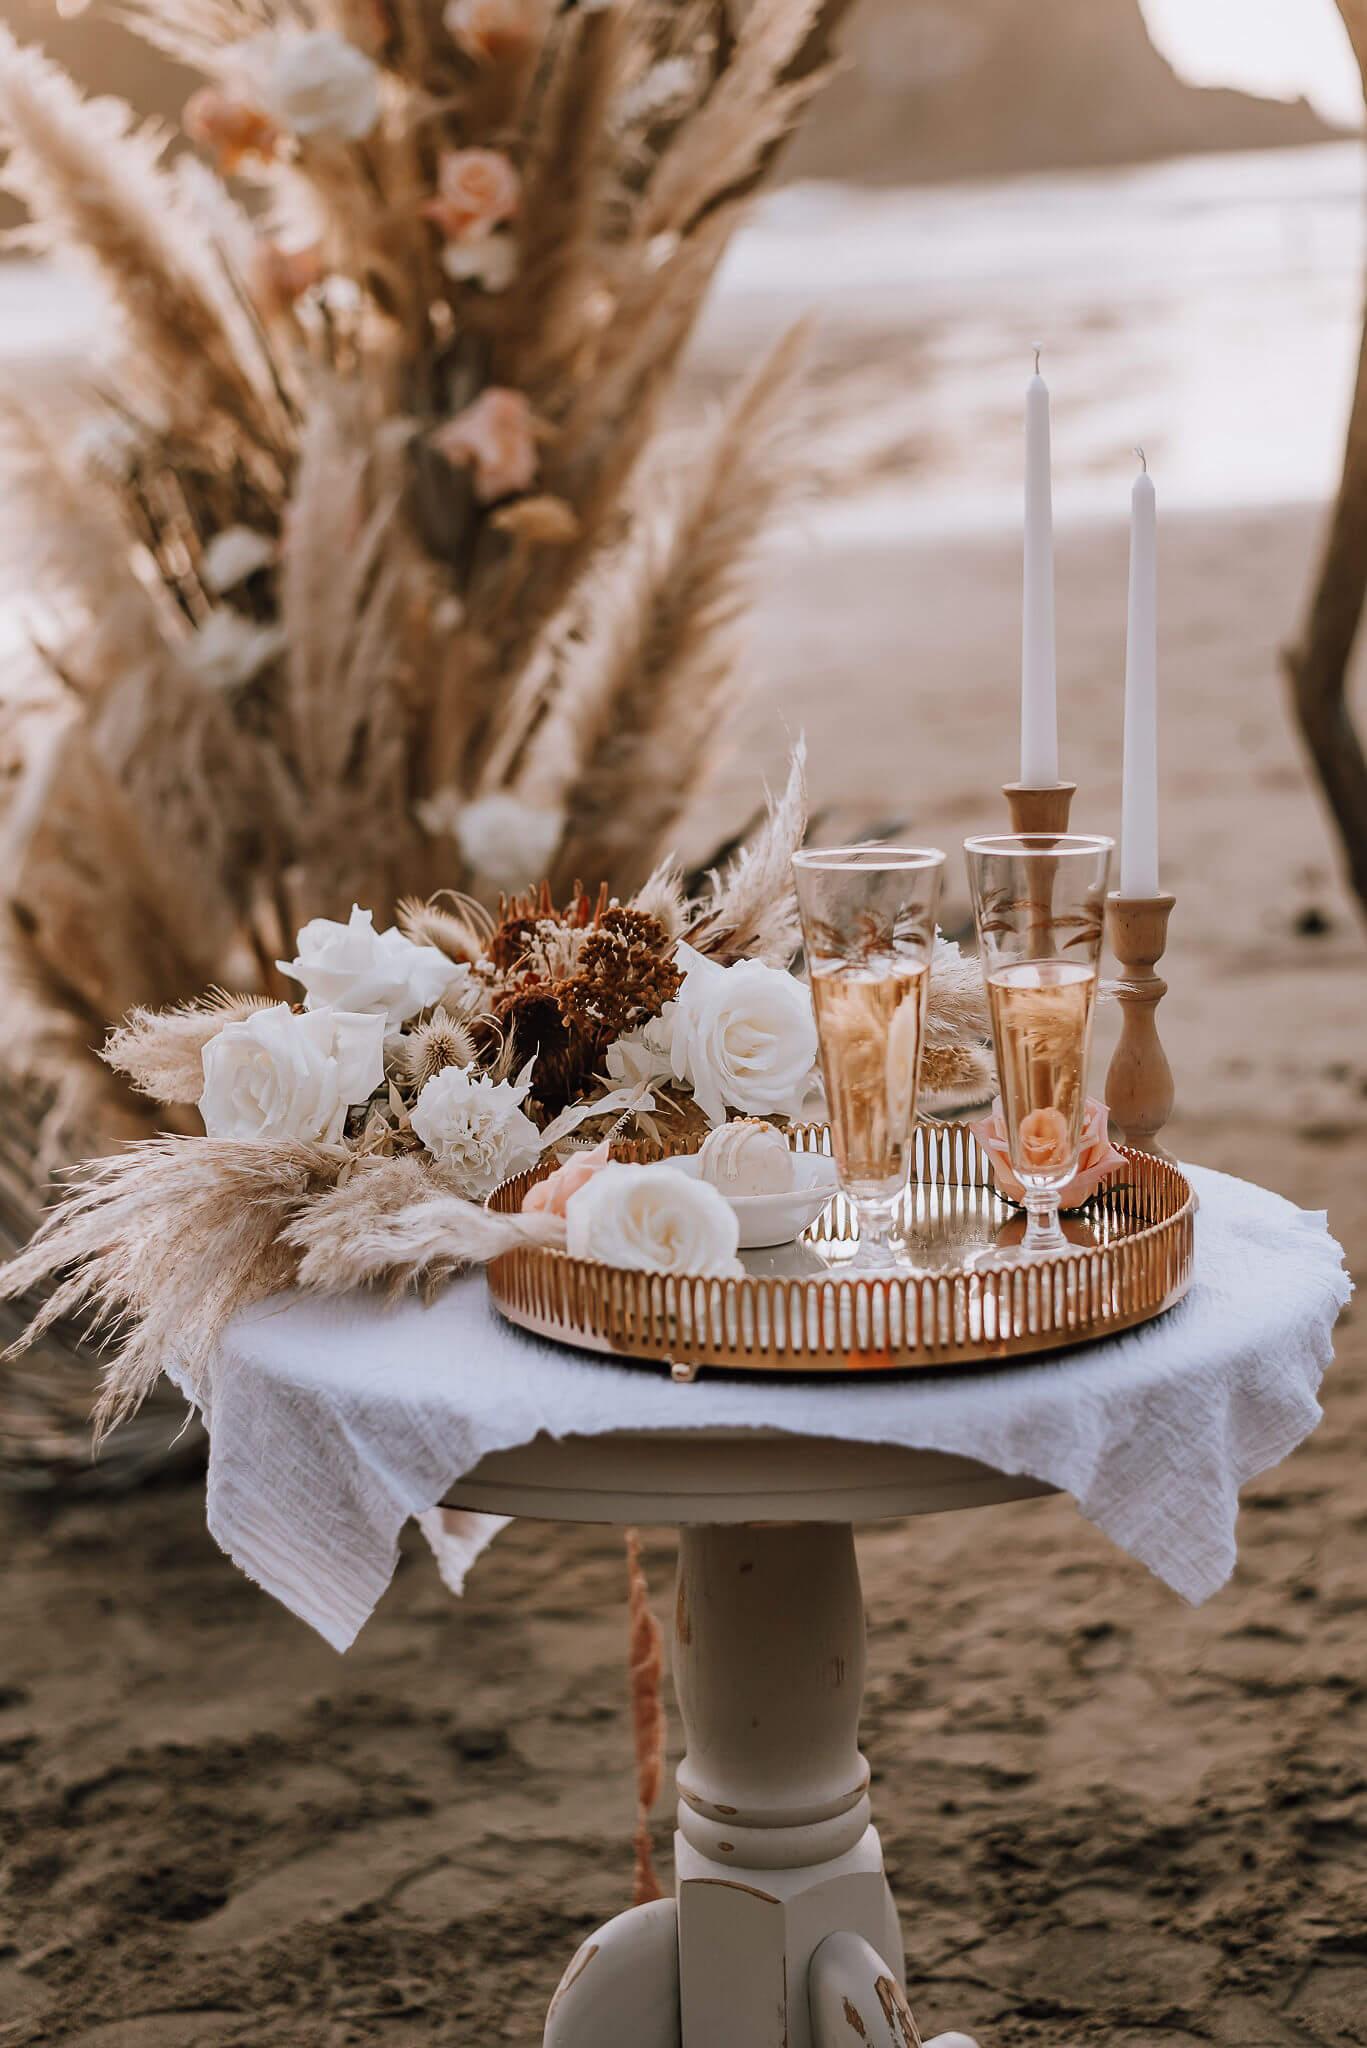 Decorative drink setup